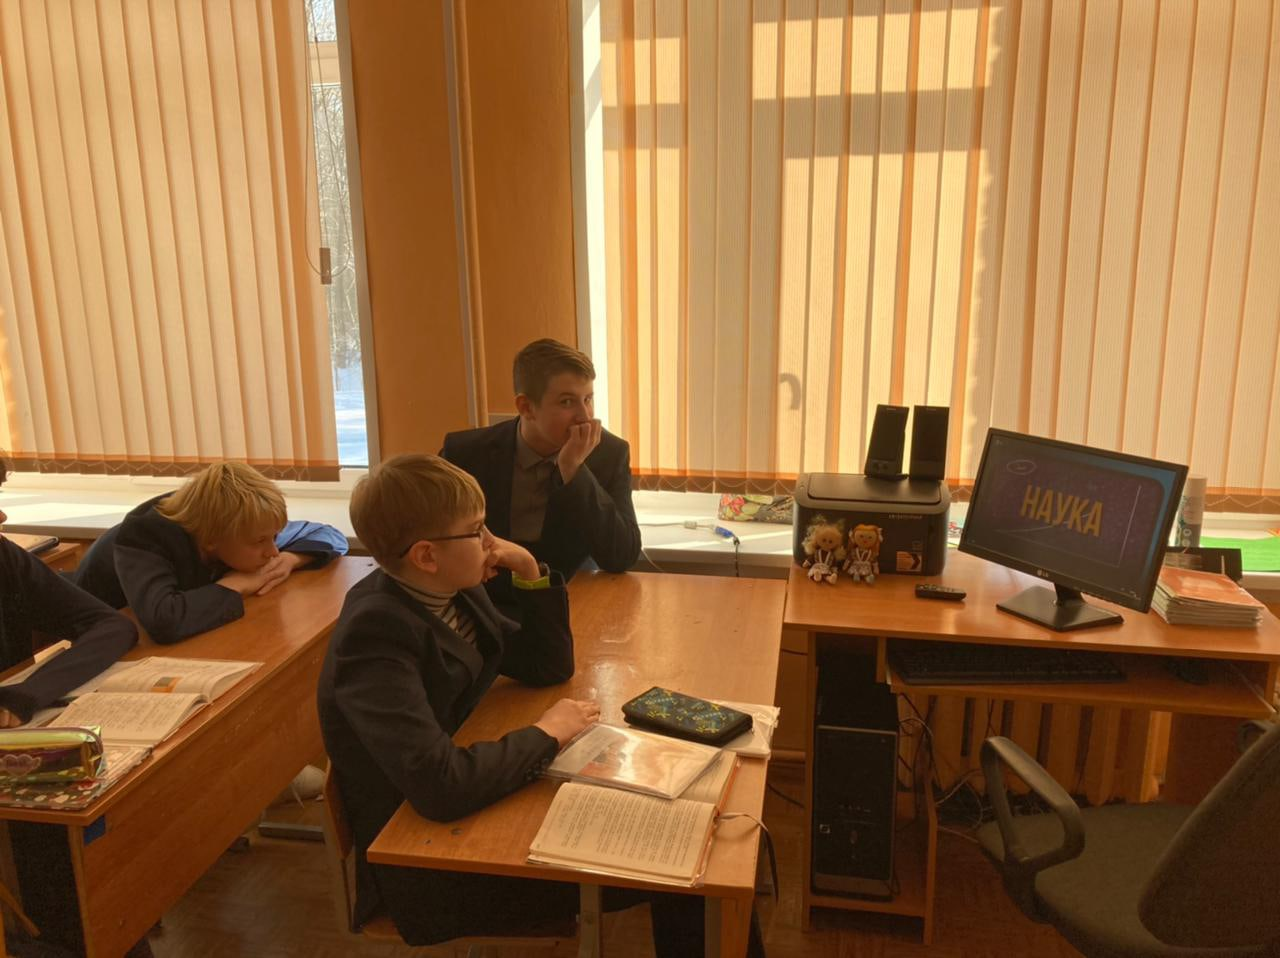 Ржевские школьники присоединились к открытому уроку в День российской науки